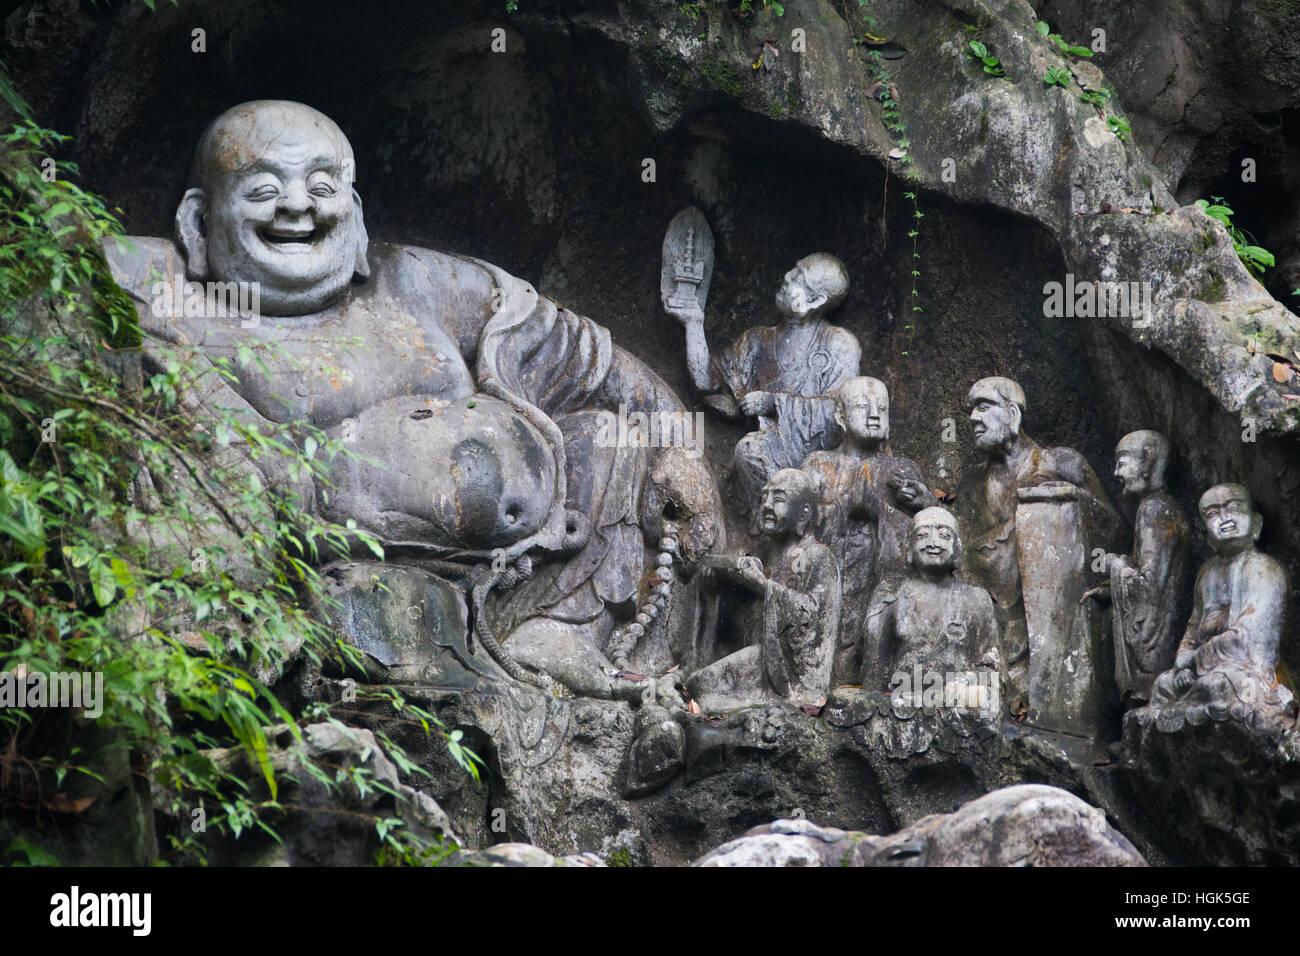 Ridere Buddha, Feilai Feng grotte calcaree Ling Yin tempio Hangzhou Cina Immagini Stock